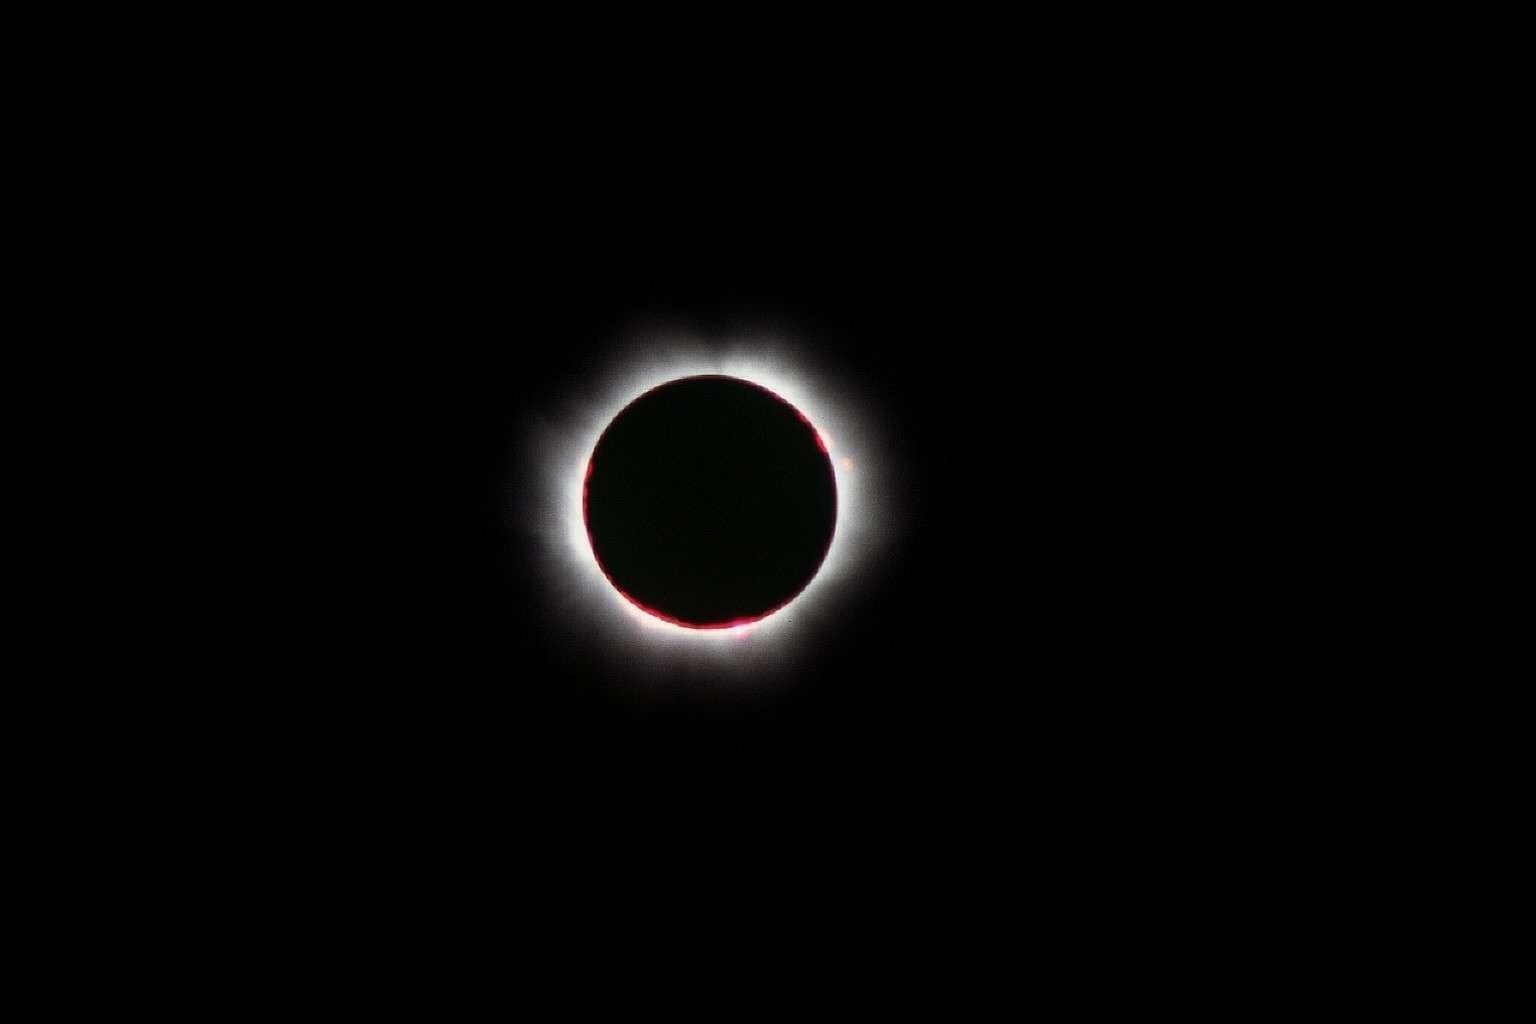 Comme lors de l'éclipse totale de Soleil qui se déroula en France le 11 août 1999, les astronomes chercheront cette fois encore à photographier la couronne et les protubérances solaires. Crédit J.-B. Feldmann